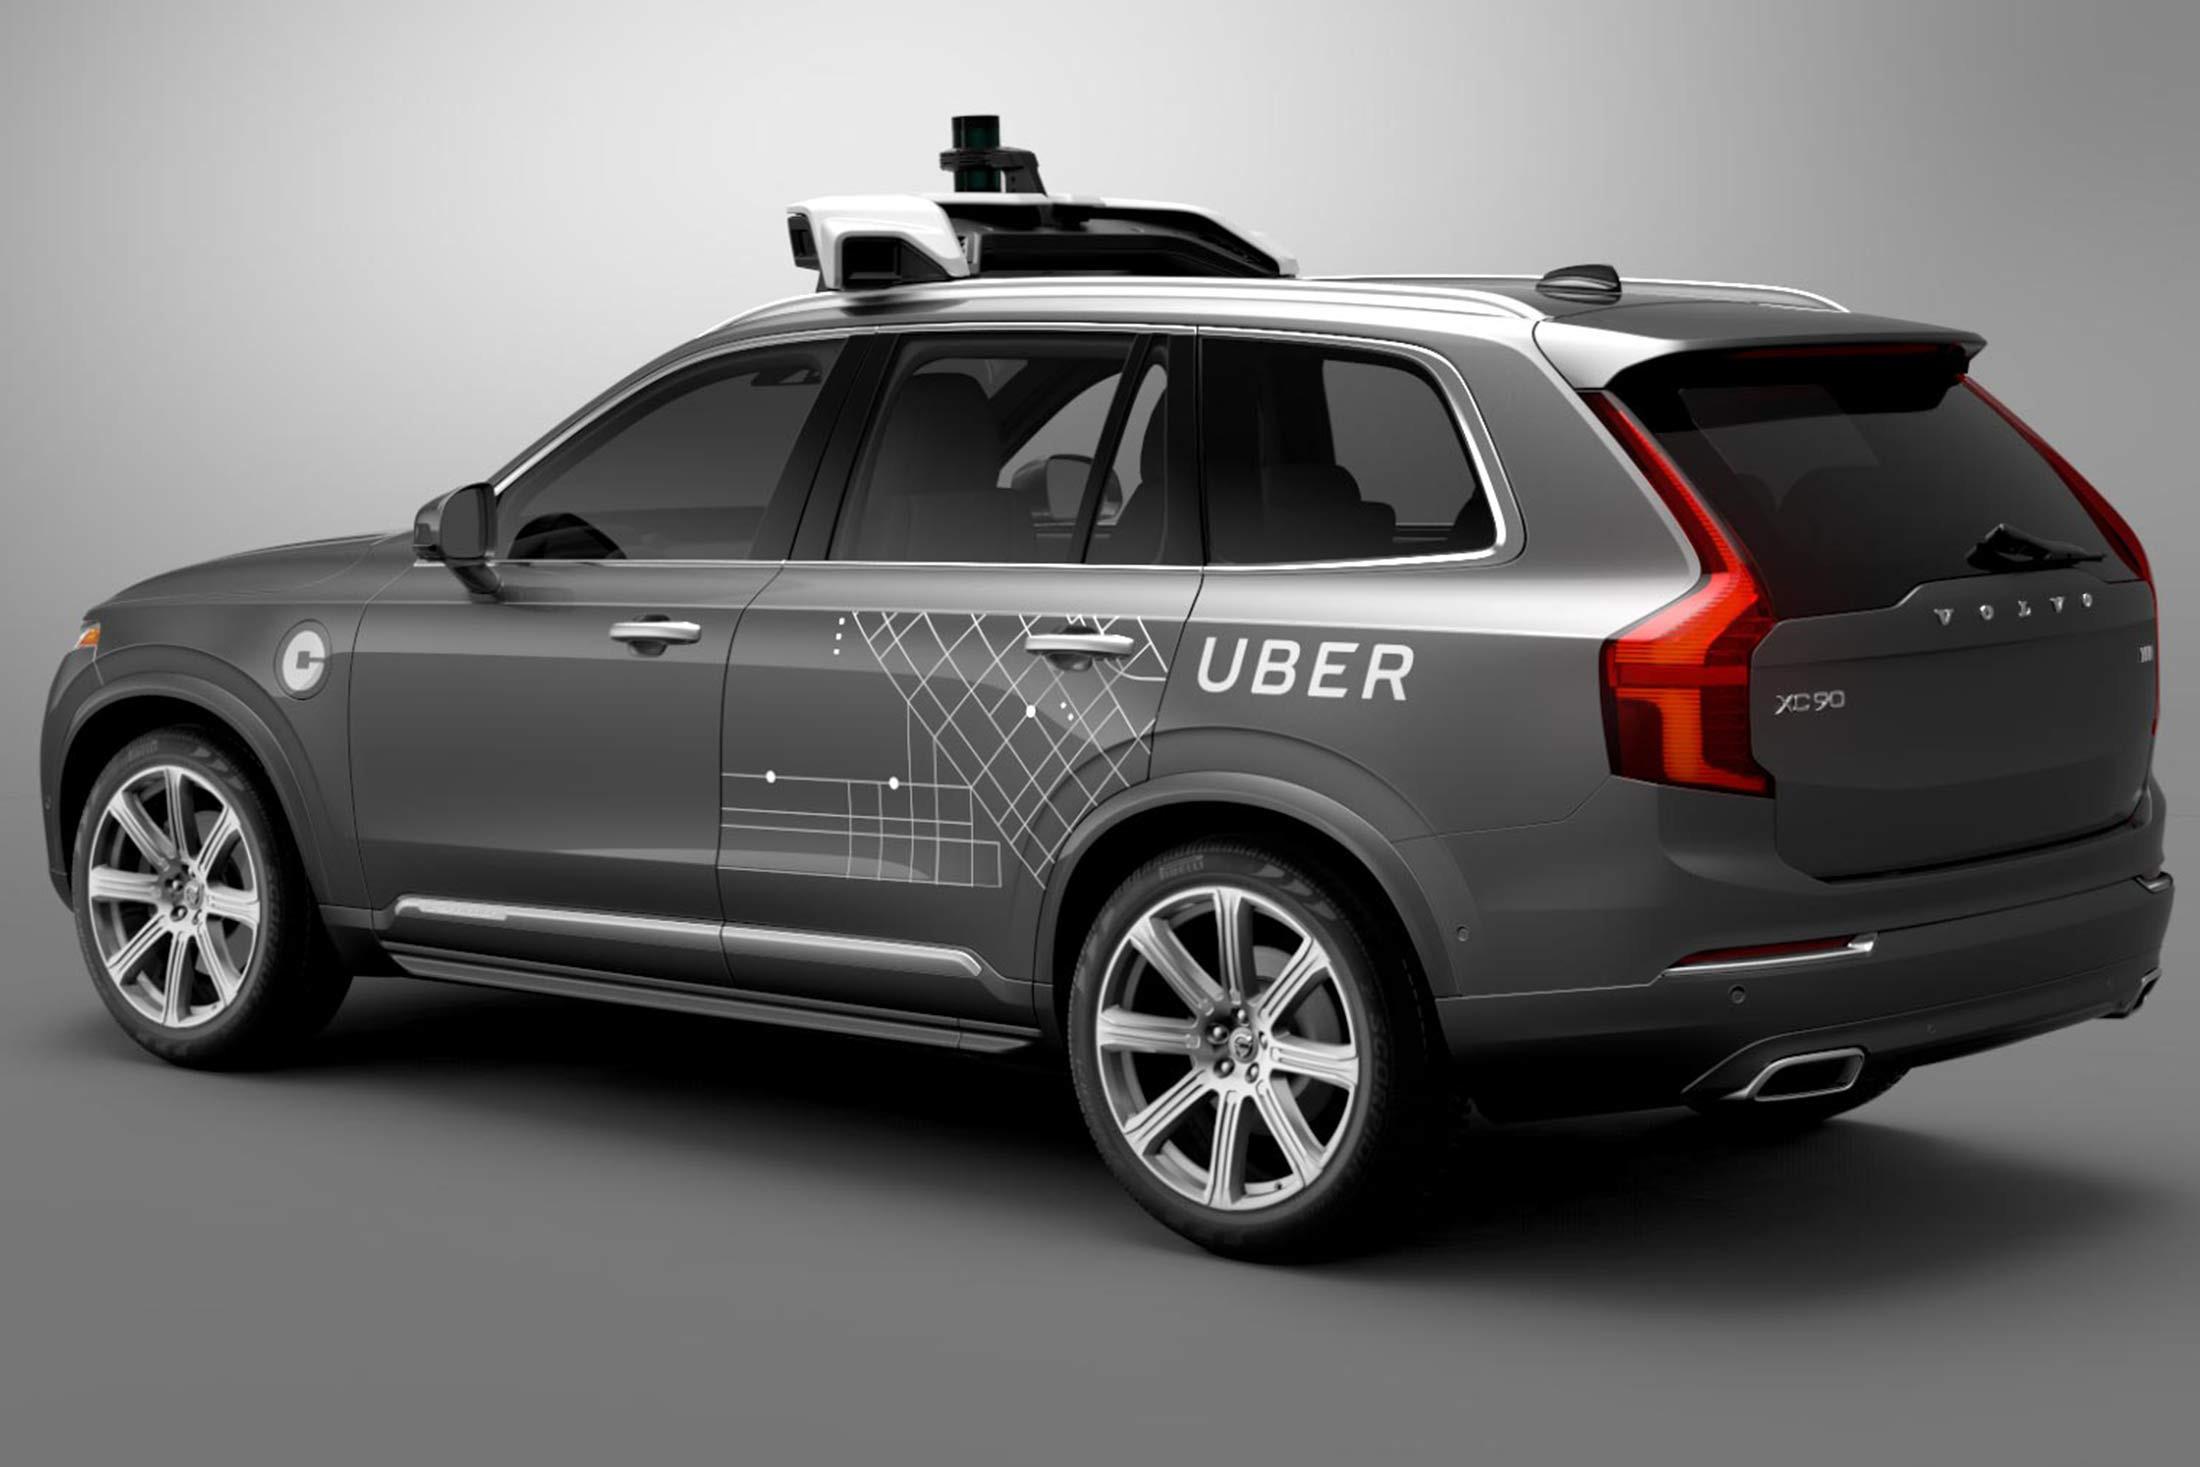 08528016-photo-uber-voitures.jpg